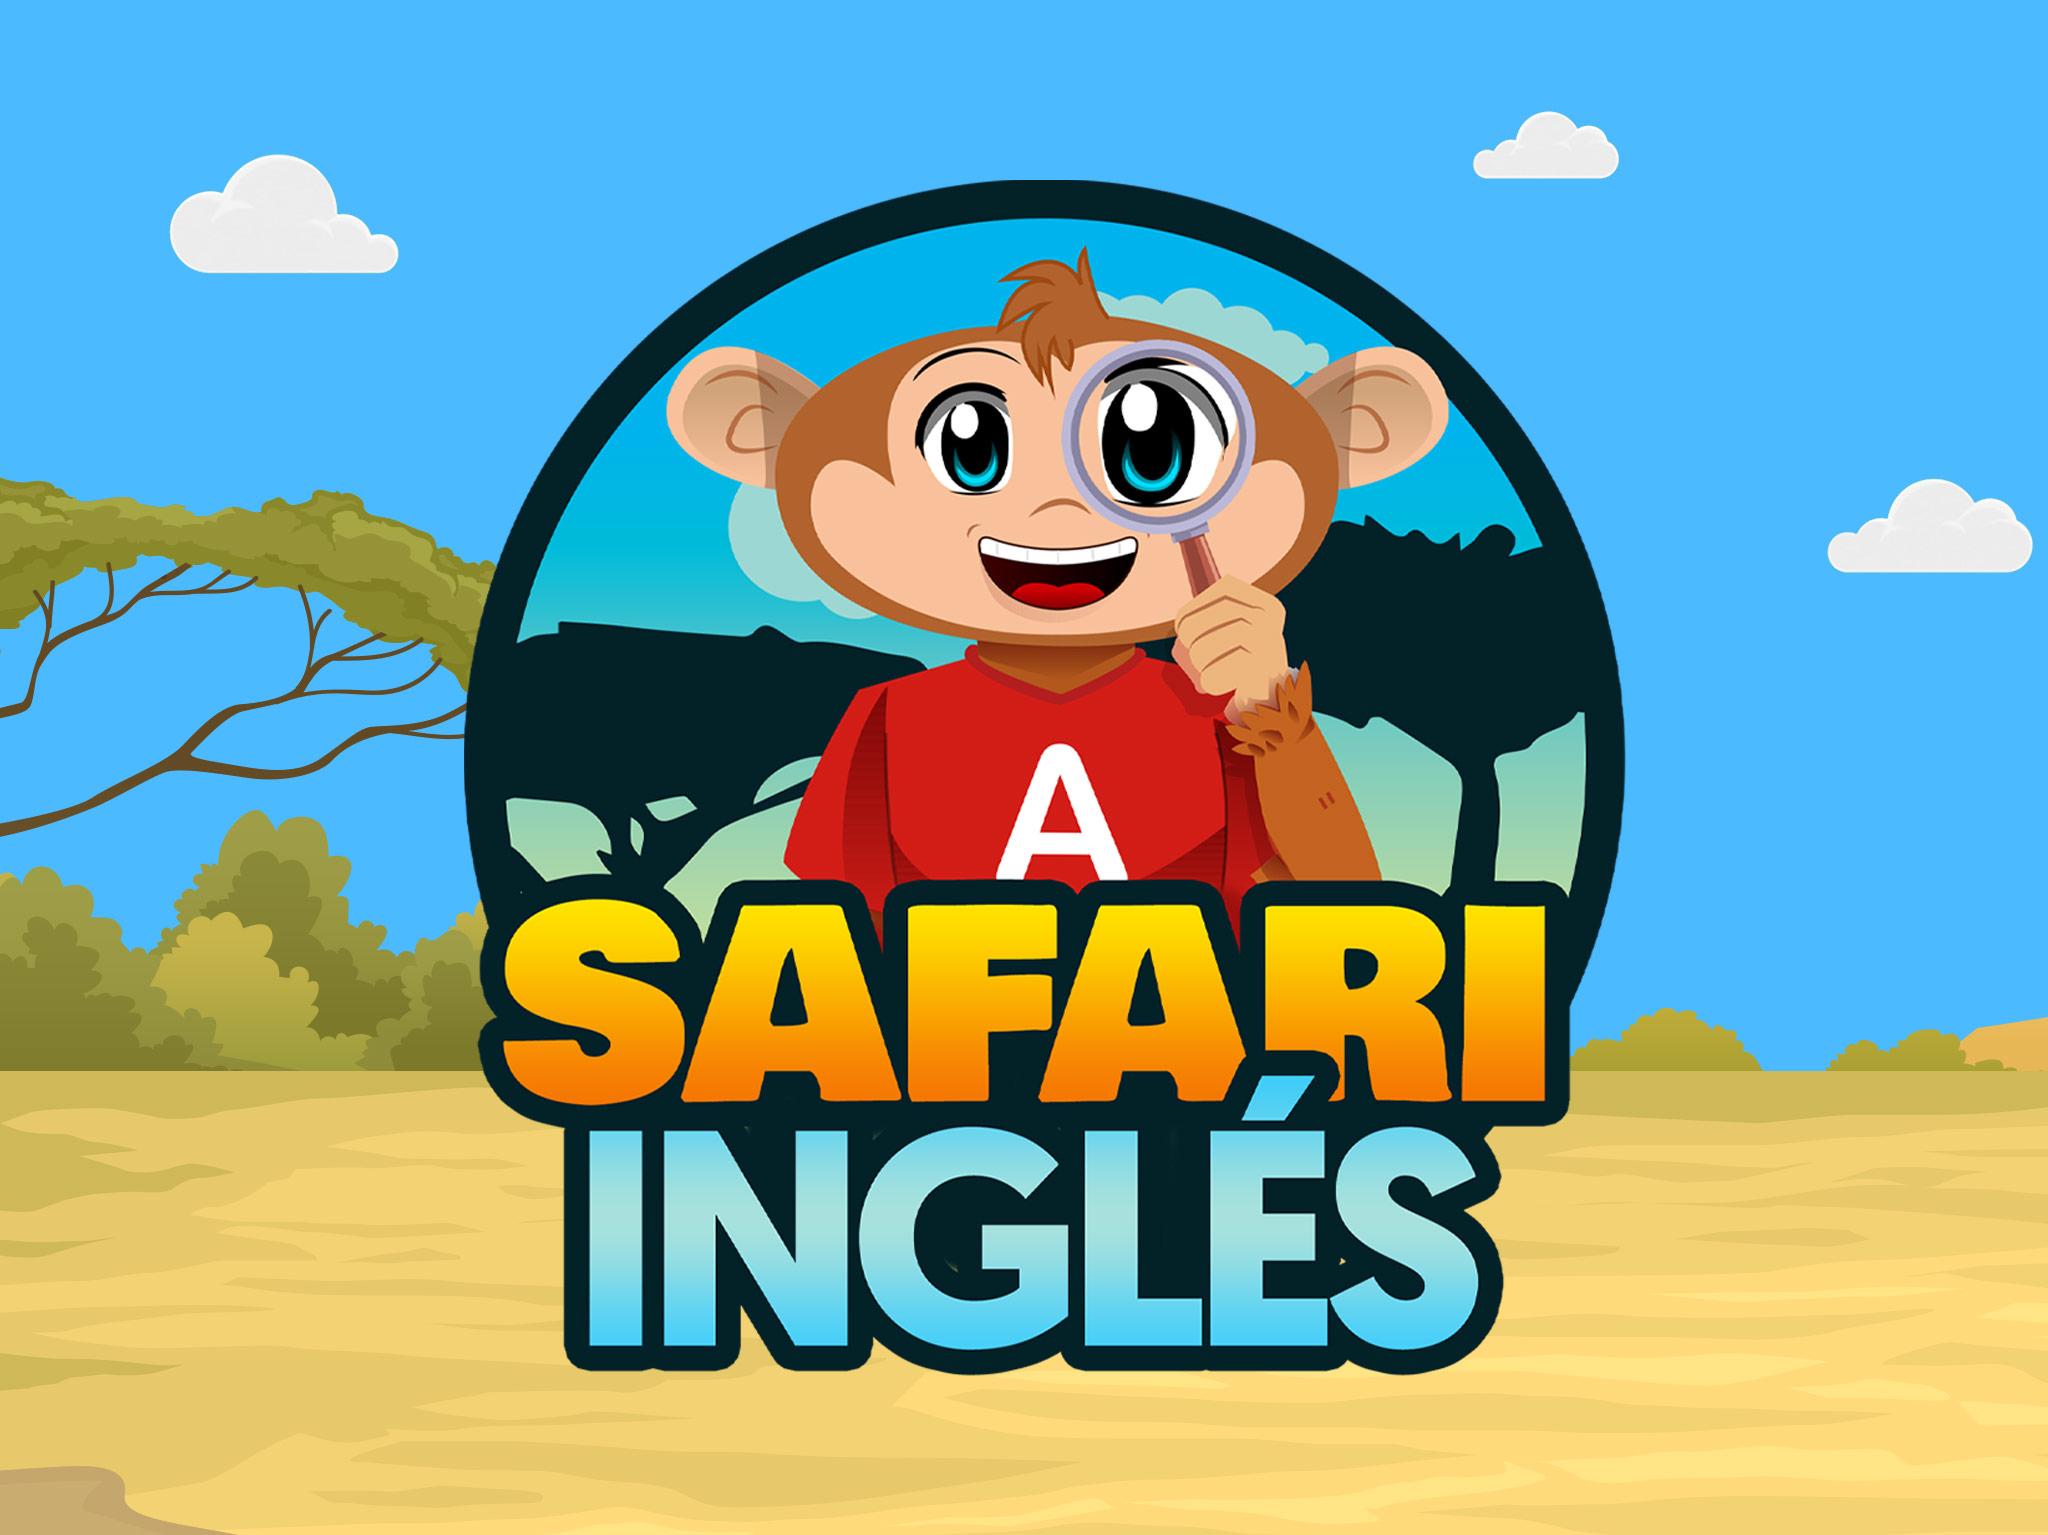 safari-ingles-cover.jpg